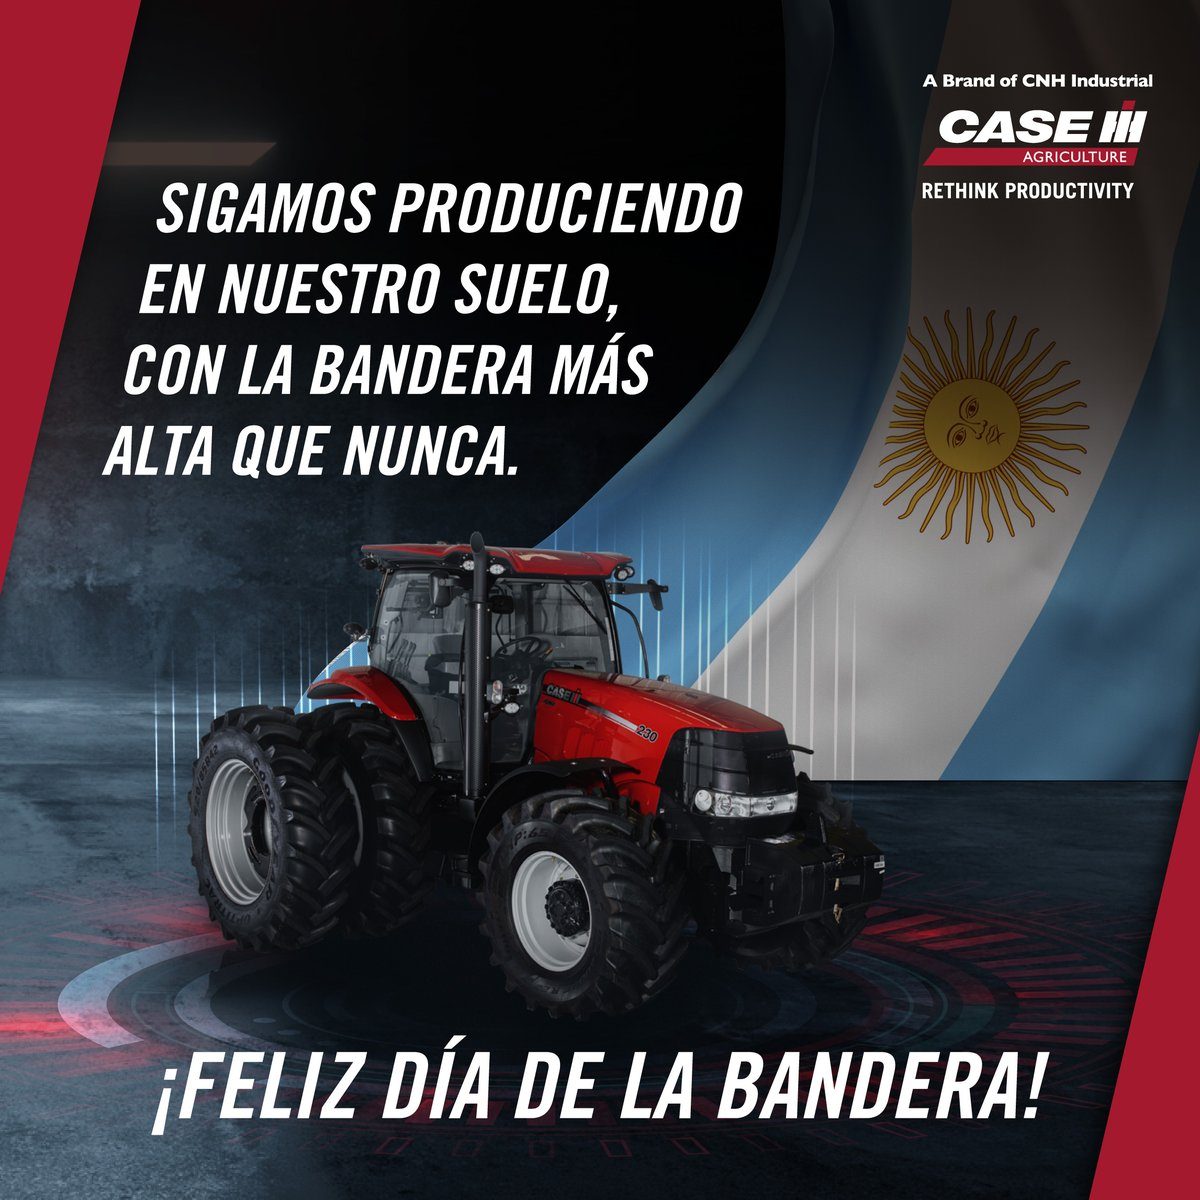 Hoy celebramos el día de todos los argentinos, responsables de defender con orgullo el máximo emblema de nuestra patria en cada chacra y en cada lote de los campos albicelestes. ¡Feliz día! #DíaDeLaBandera. https://t.co/jCBHmriX1c